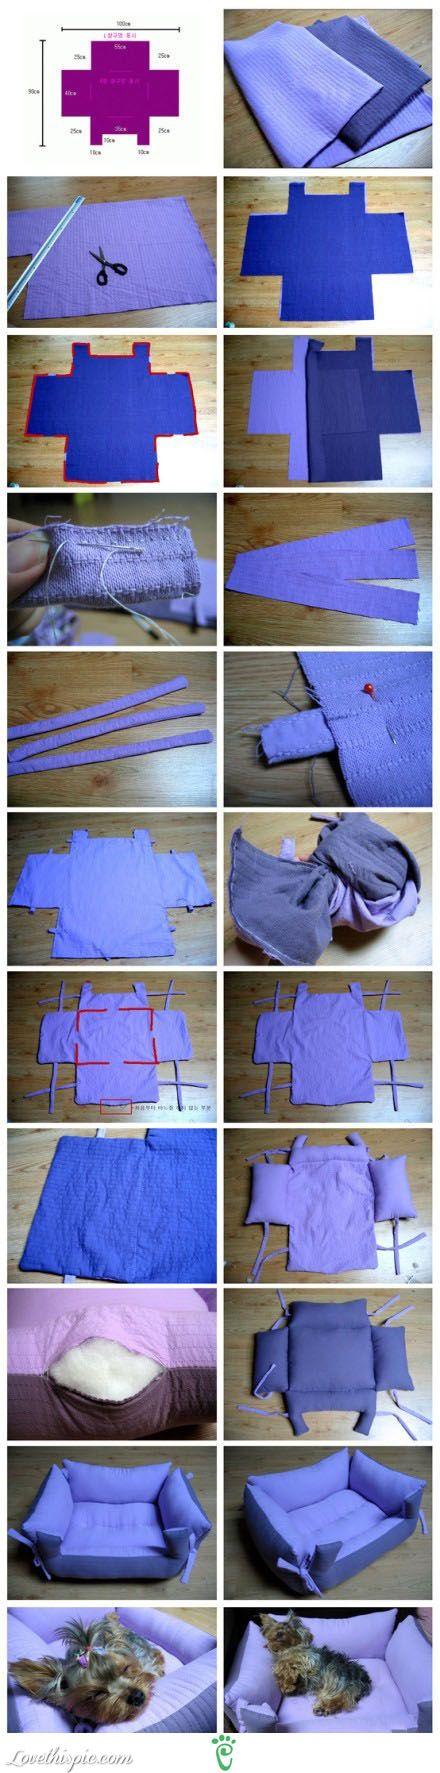 DIY Dog Bed diy craft crafts craft ideas diy ideas diy crafts diy furniture home crafts diy decorations craft decor pet crafts